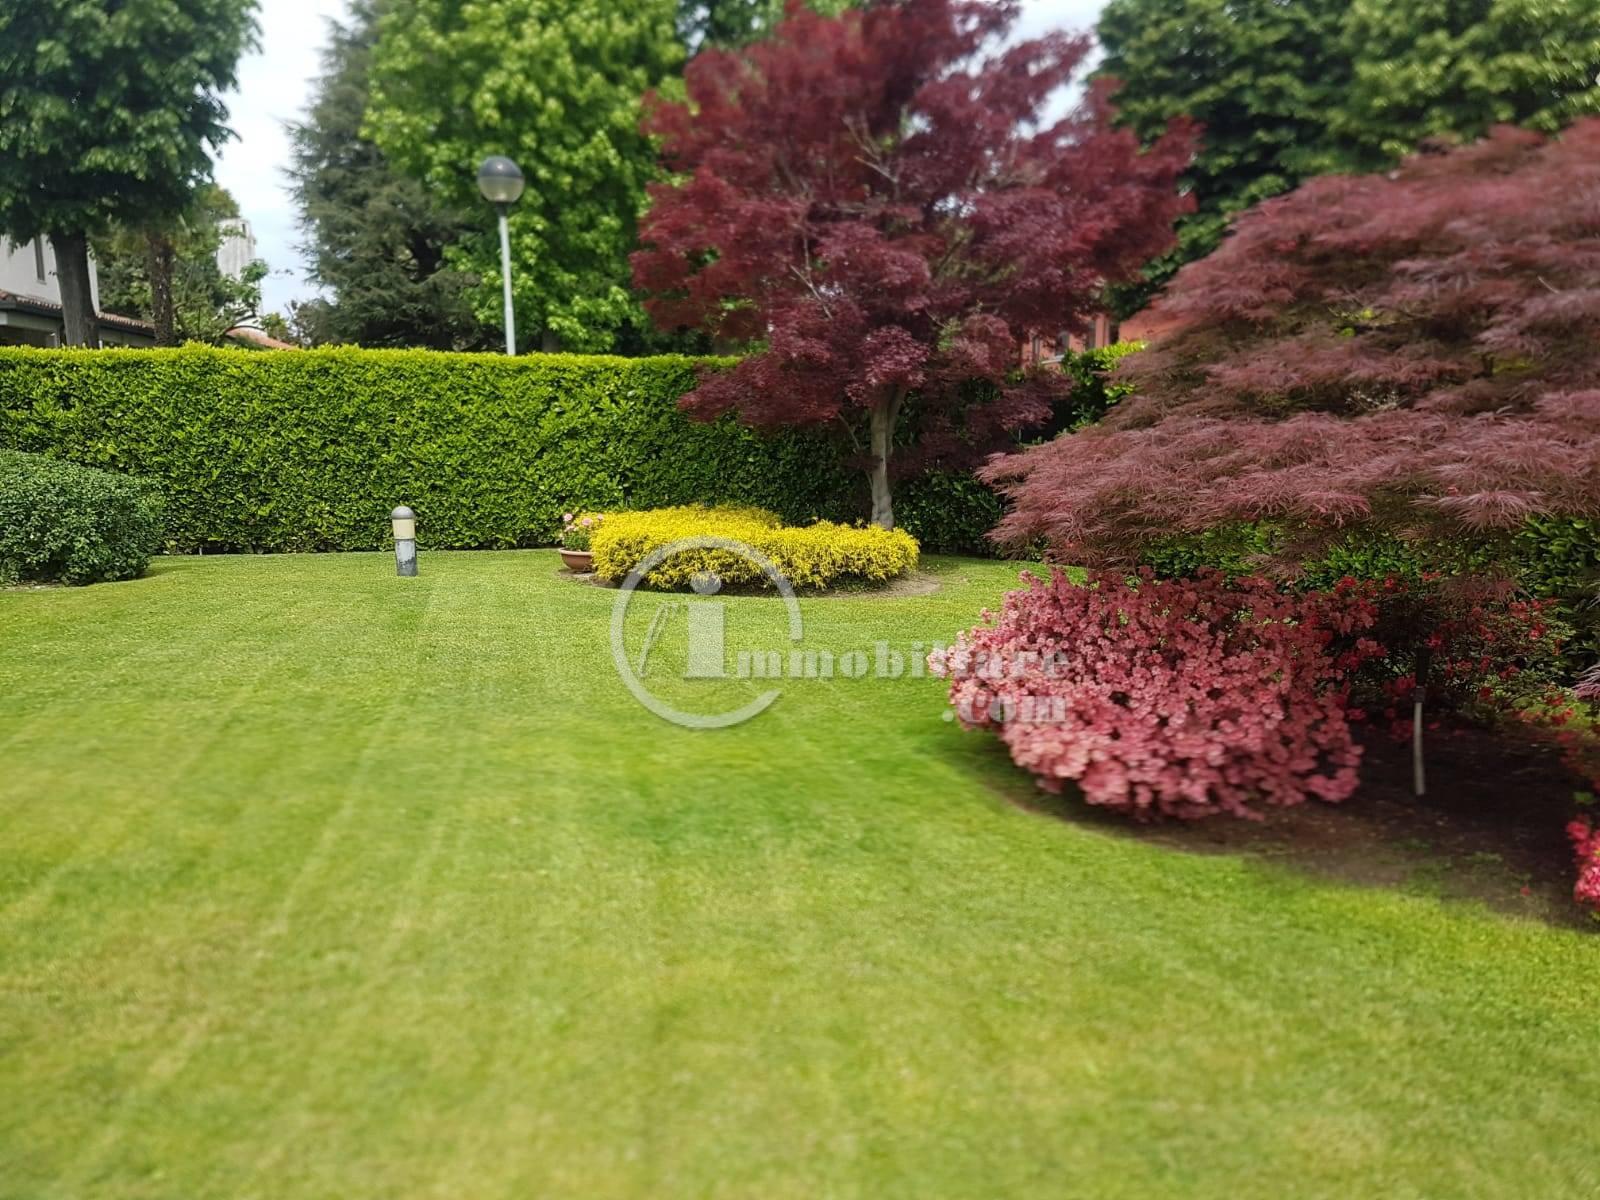 Villa in Vendita a Trezzano Sul Naviglio: 5 locali, 280 mq - Foto 10